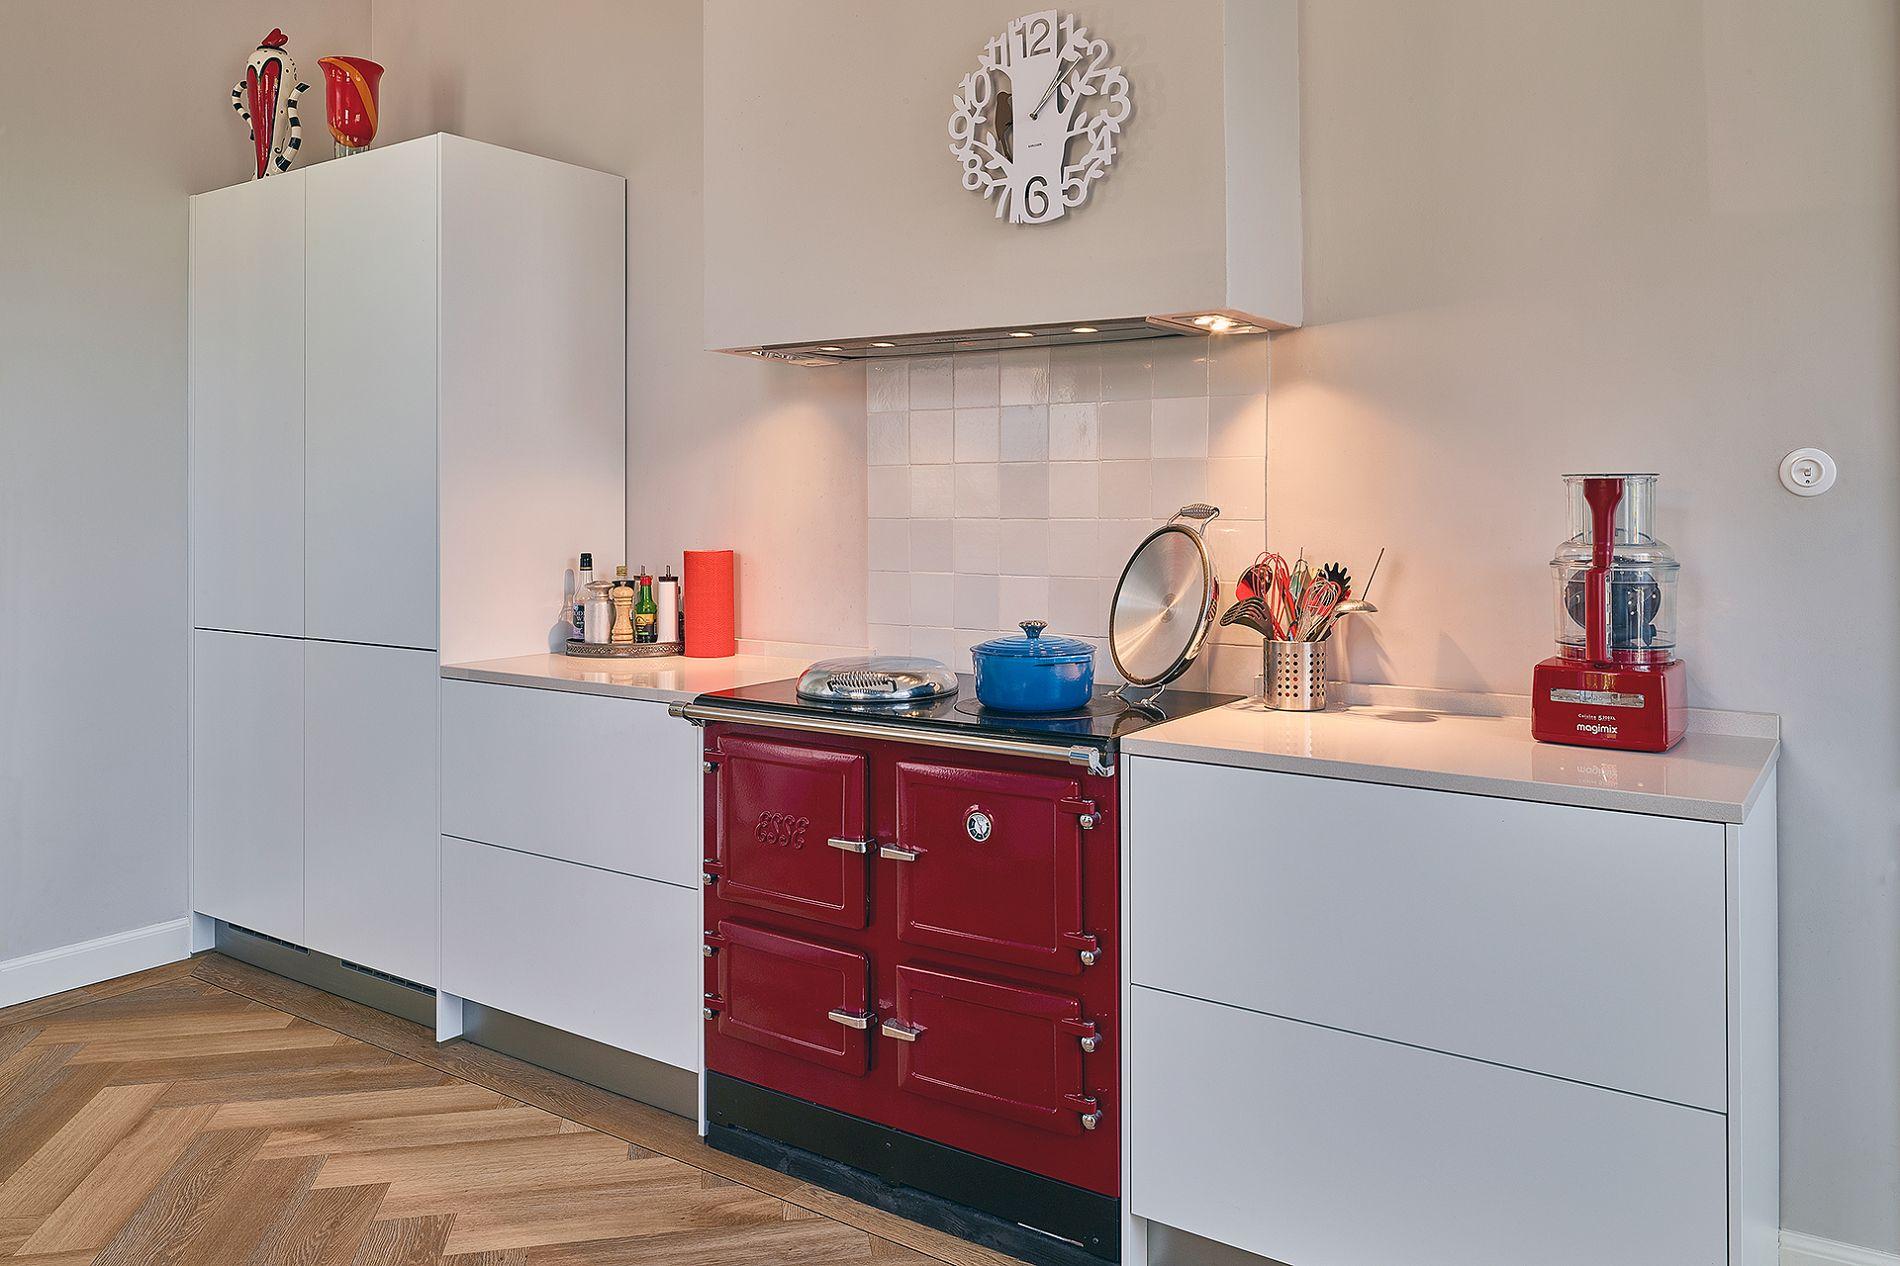 Full Size of Grifflose Küche Wohin Mit Geschirrtuch Impuls Grifflose Küche Grifflose Küche Arbeitsplatte Grifflose Küche Korpushöhe Küche Grifflose Küche